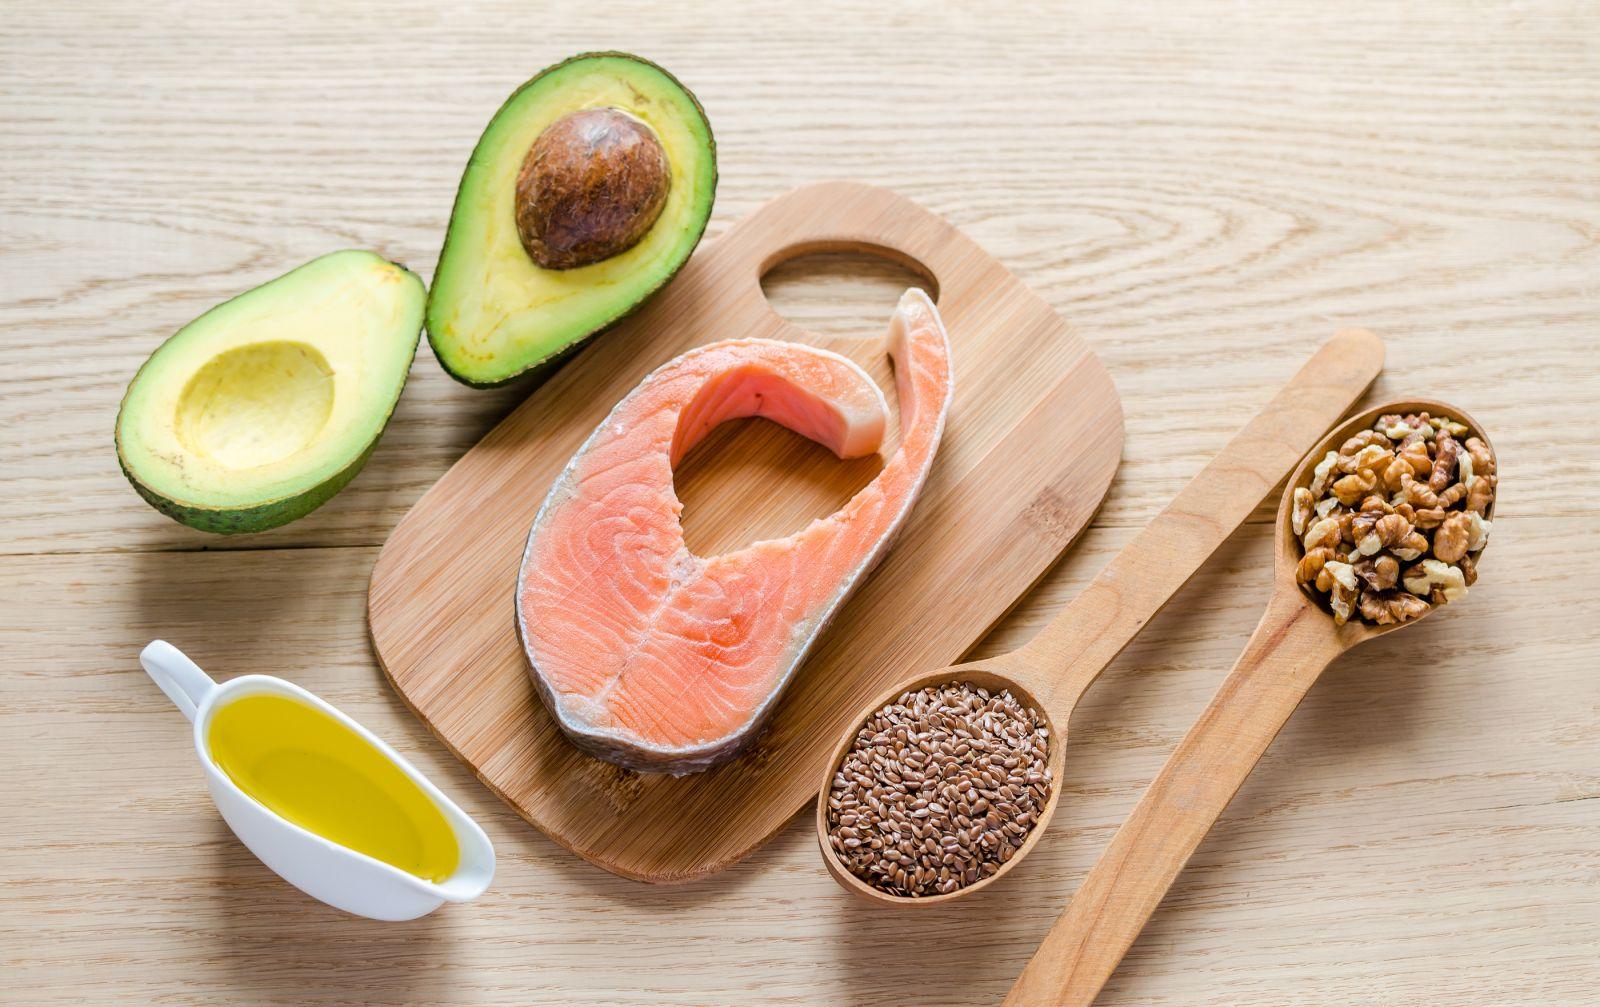 Phân loại chất béo xấu và chất béo tốt, bạn nên ăn bao nhiêu gam mỗi ngày?